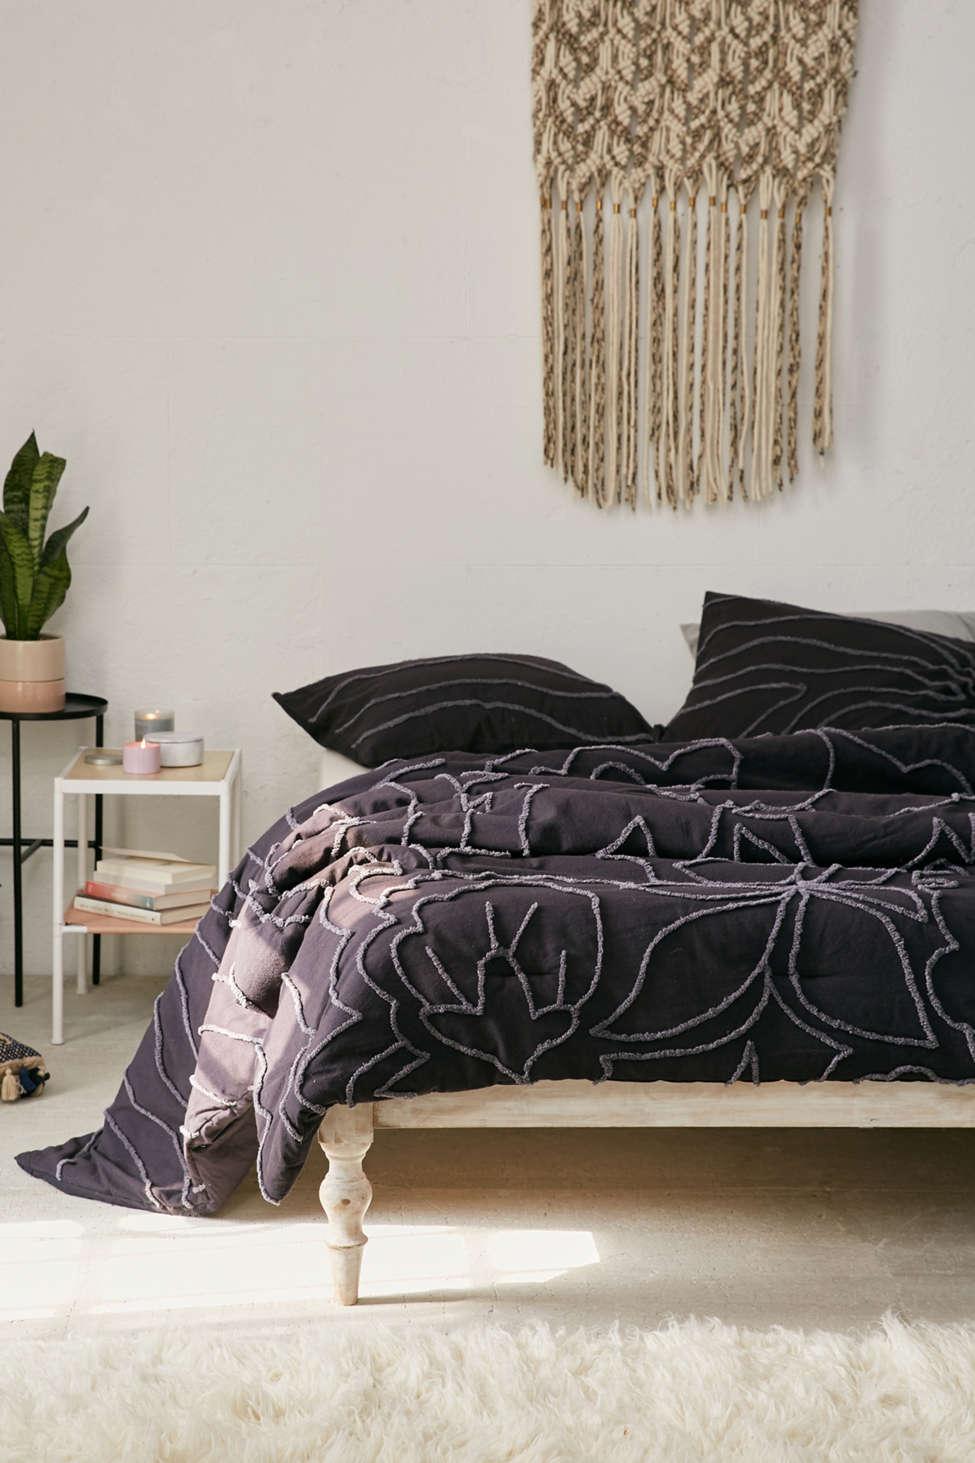 Slide View: 1: Margot Tufted Floral Comforter